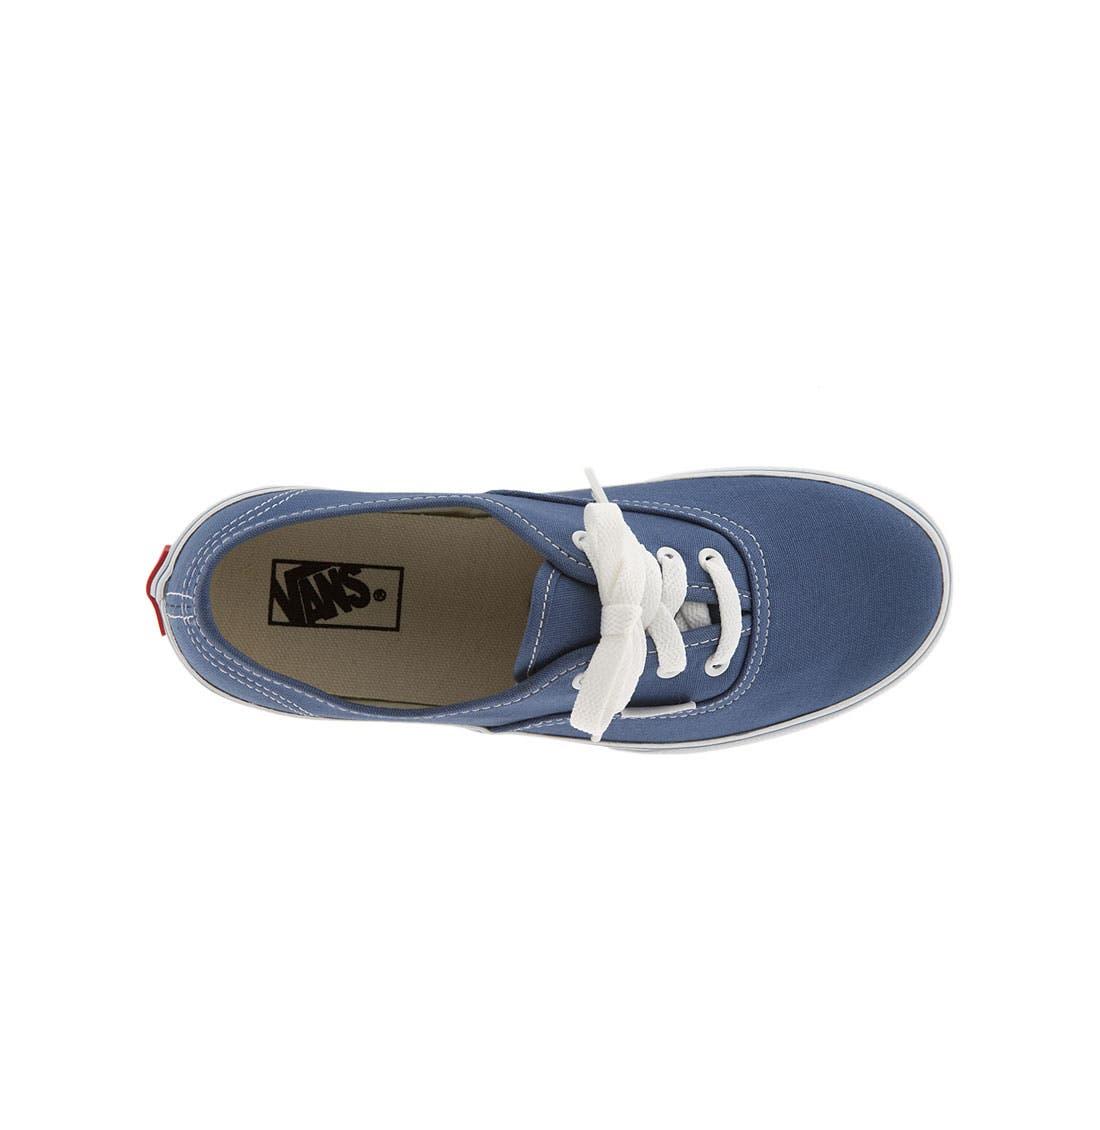 Alternate Image 3  - Vans 'Authentic' Sneaker (Little Kid & Big Kid)